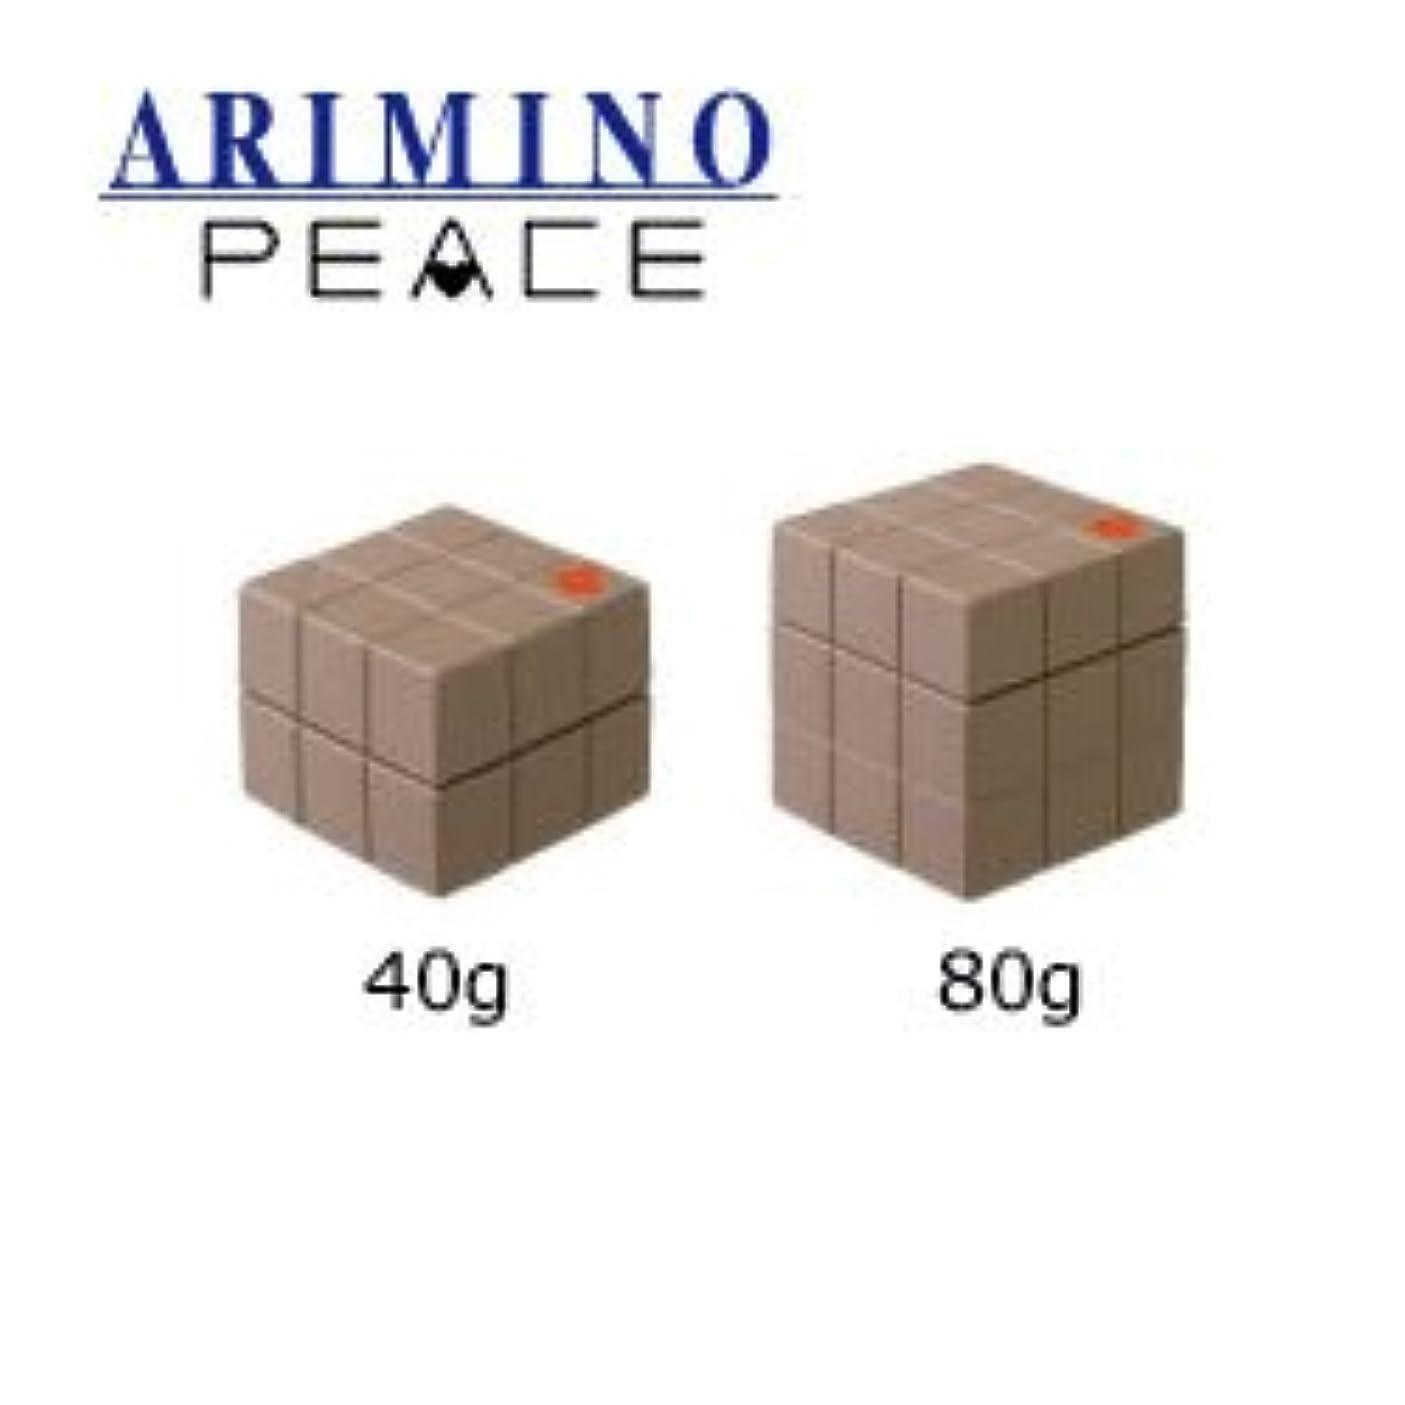 アイデア個人的な無駄だアリミノ ピース ソフトwax カフェオレ 80g